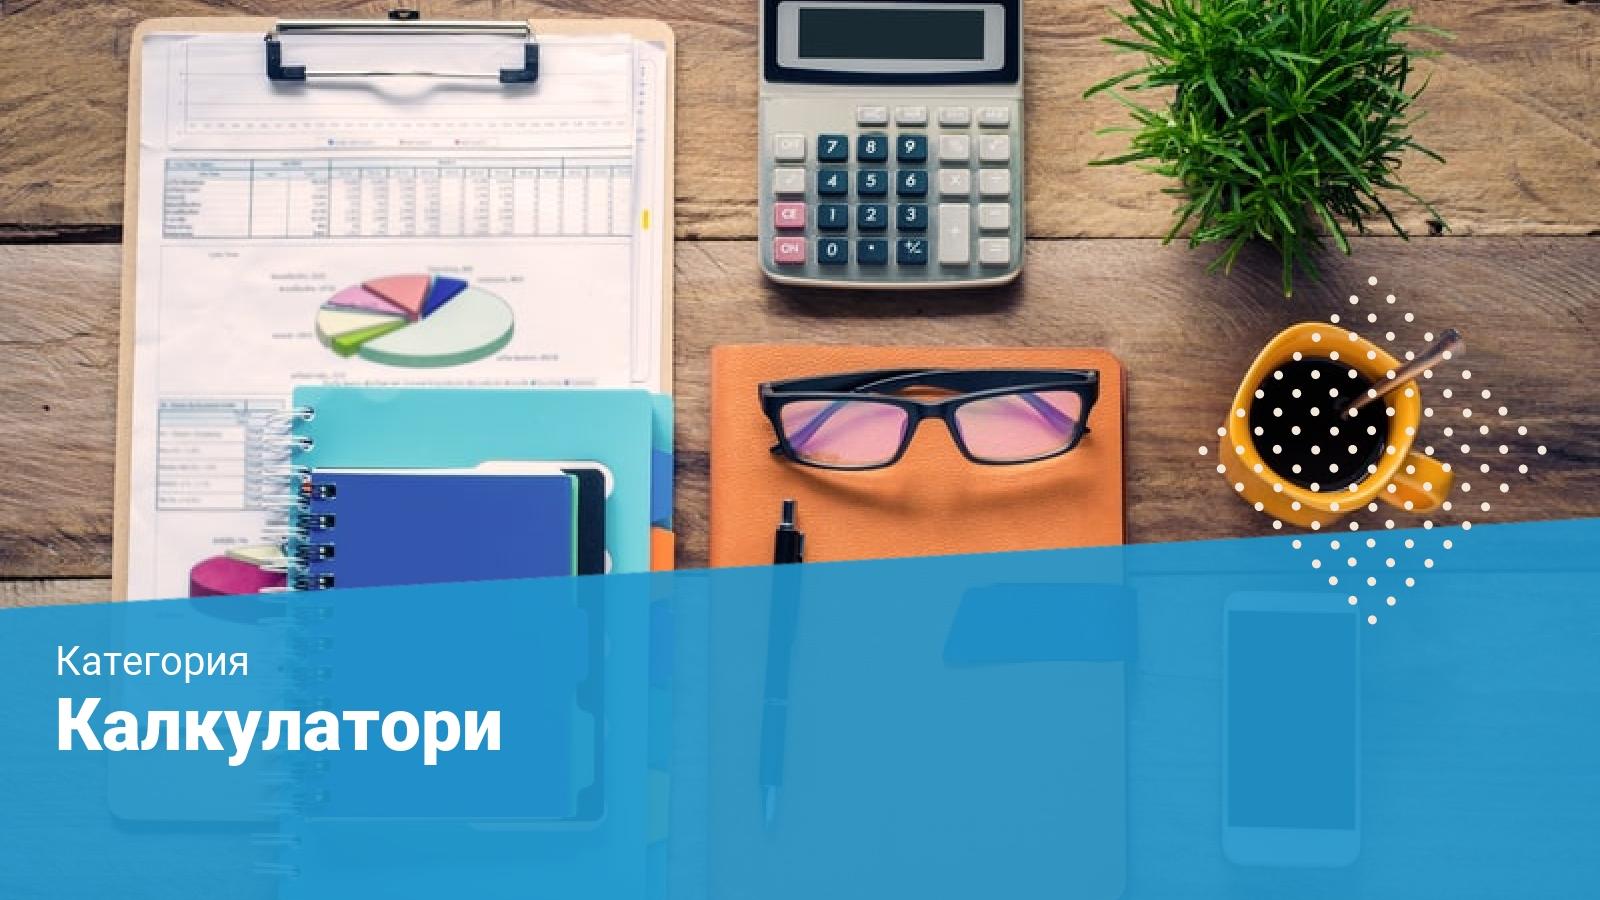 бюро с лаптоп и финансов калкулатор